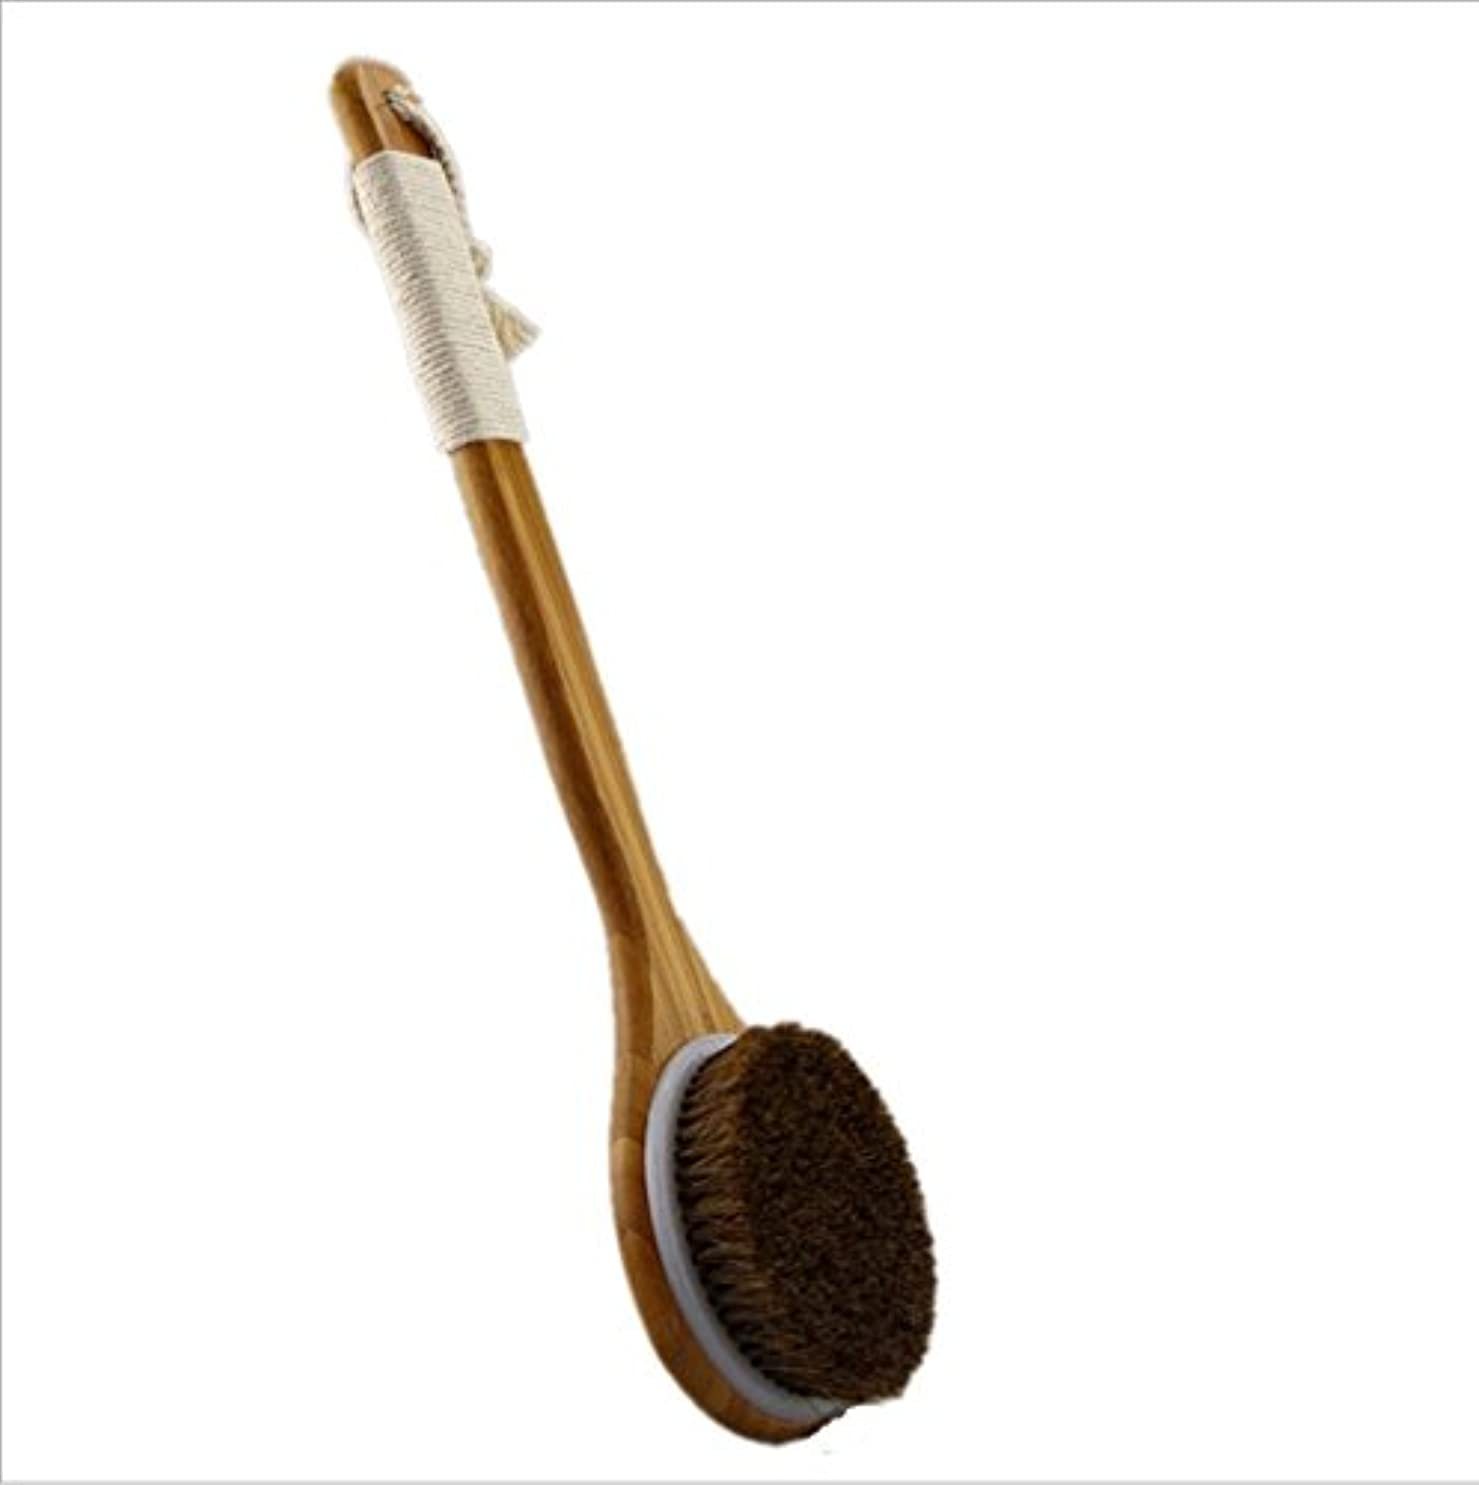 それによってかんがい従事するBigmind 100%天然高級な馬毛ボディブラシ あかすり 竹製長柄 体洗い/背中ブラシ お風呂